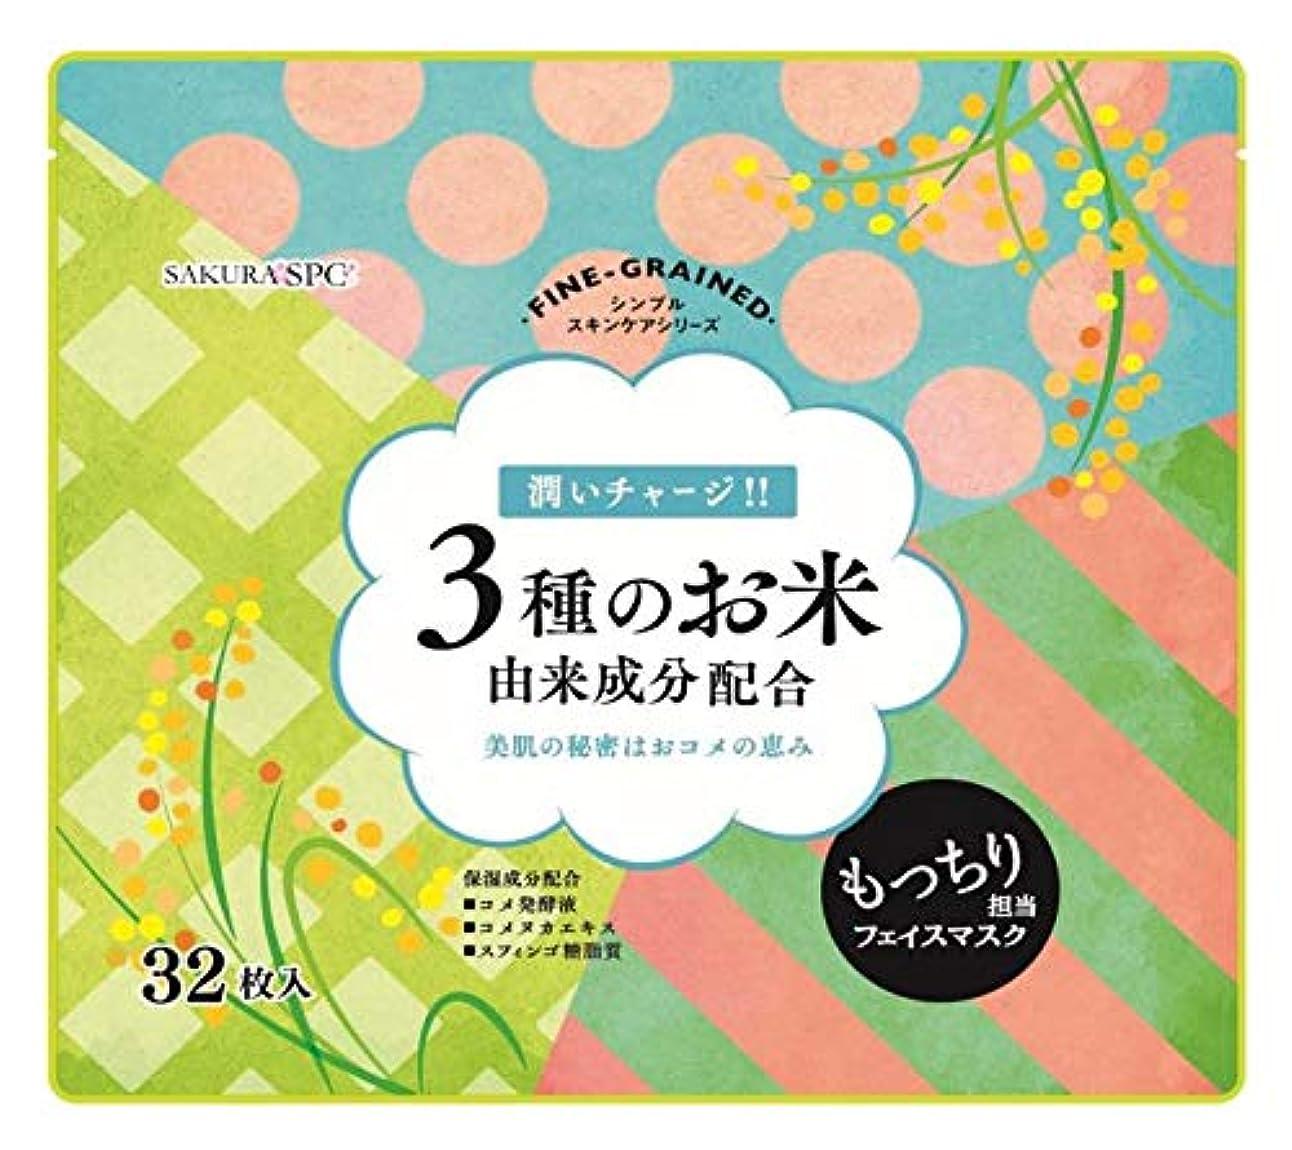 ヨーグルト自分を引き上げるシュガー3種のお米 由来成分配合 フェイス マスク 32枚入り (FINE GRAINED) シンプルスキンケアシリーズ